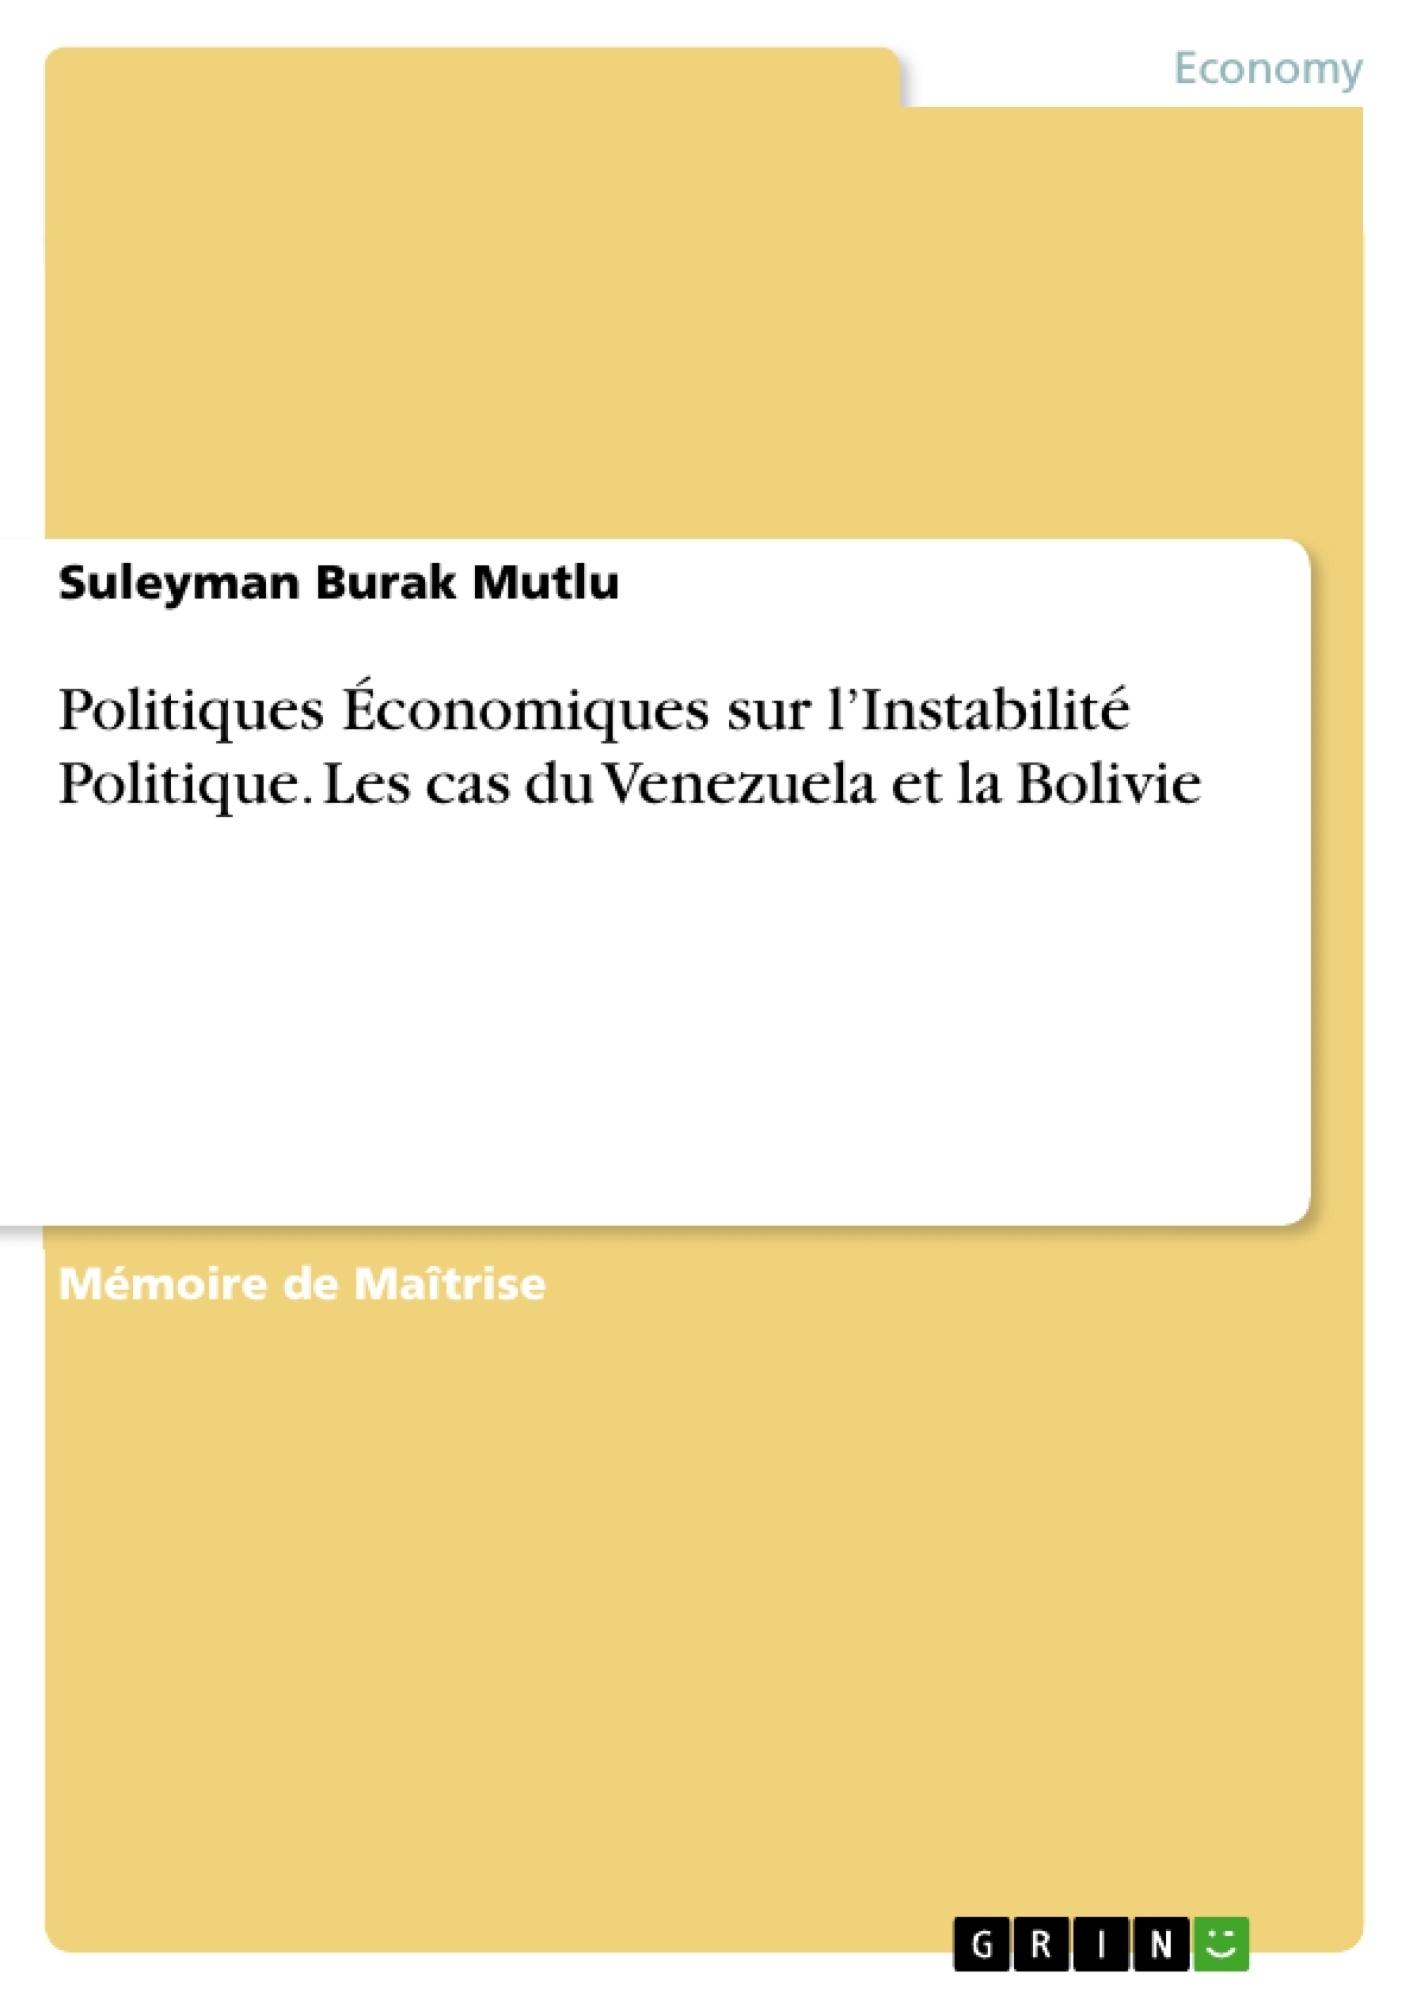 Titre: Politiques Économiques sur l'Instabilité Politique. Les cas du Venezuela et la Bolivie